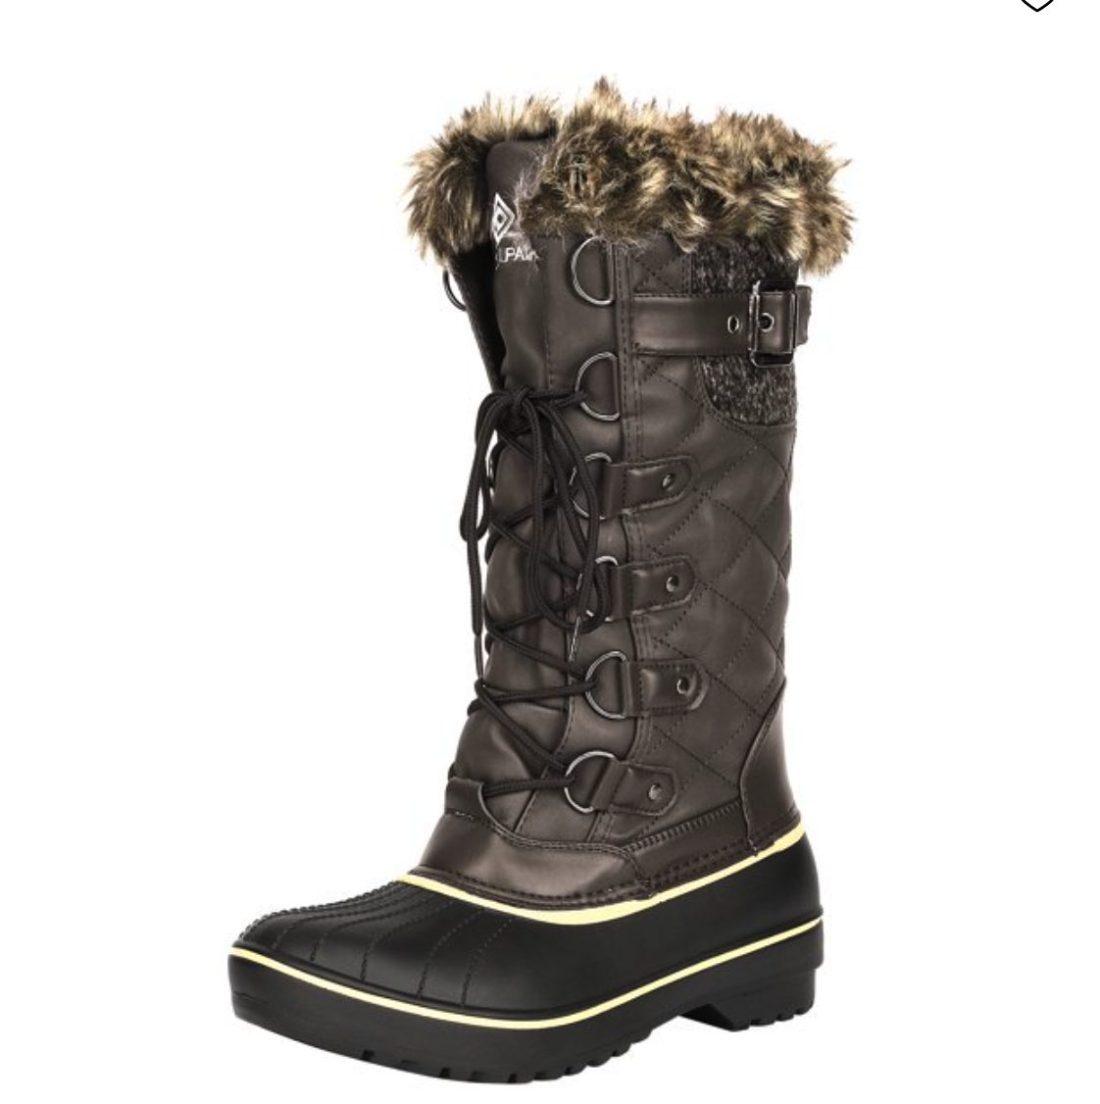 Sorel Dupes, Sorel Boots Dupes